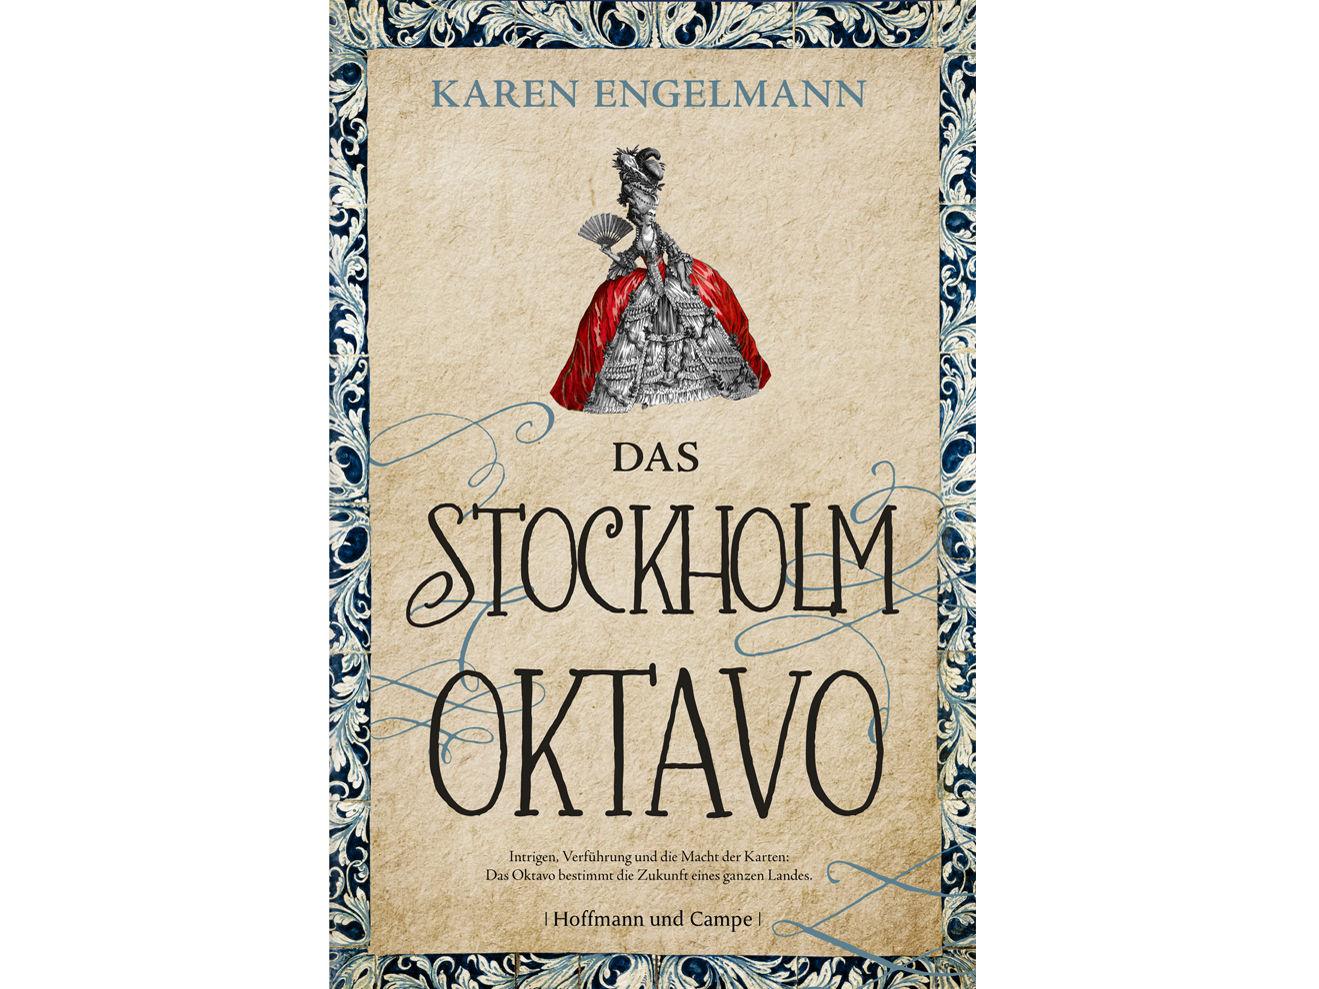 Das Stockholm Oktavo von Karen Engelmann